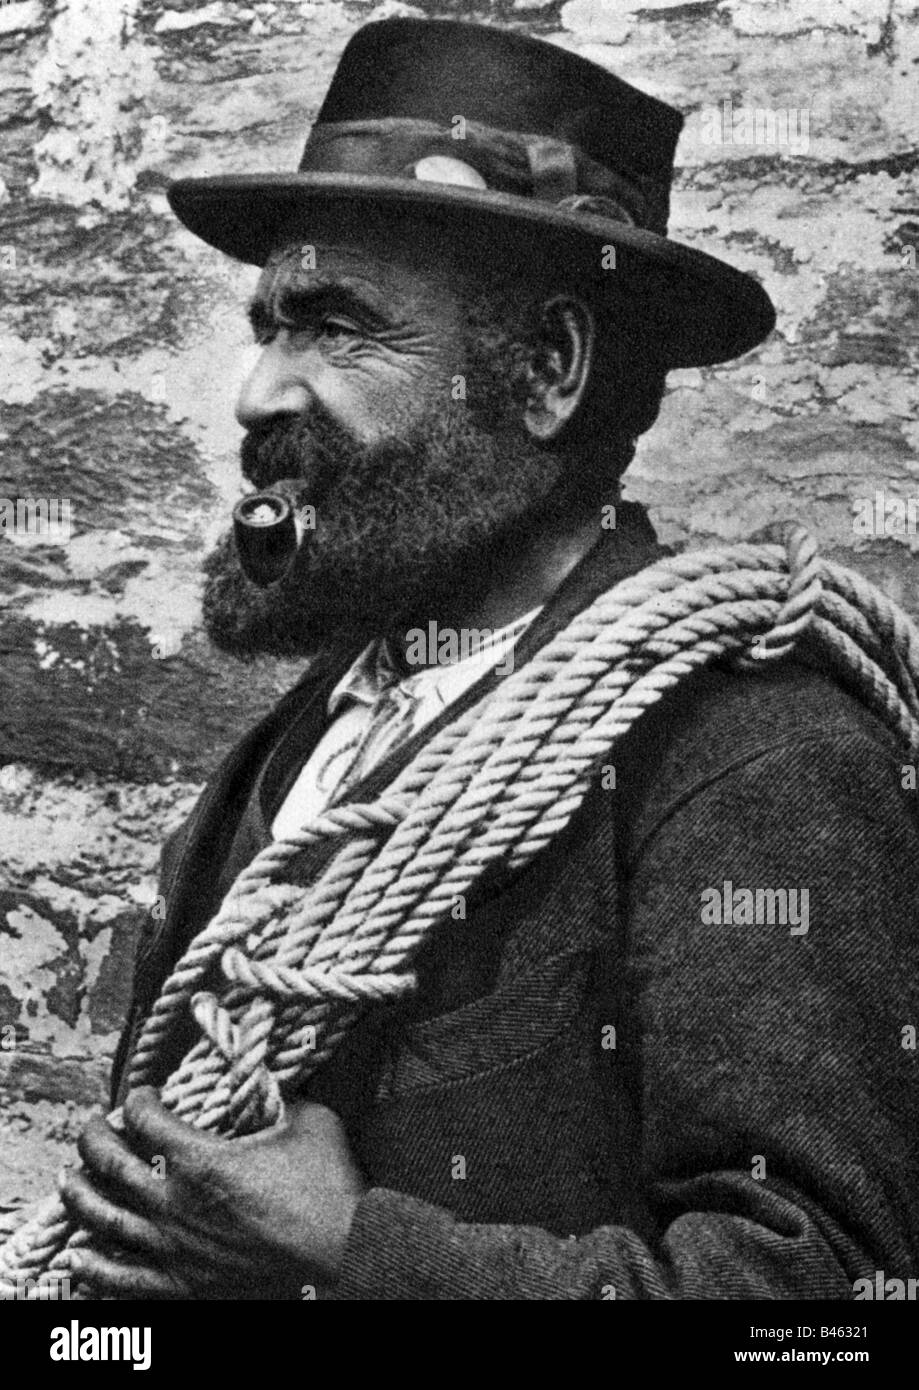 Alpinismo, guide di montagna, Alexander Burgener, 1846 - 1910, Eisten, Saasertal, fotoincisione, 1938, alpinista, Immagini Stock